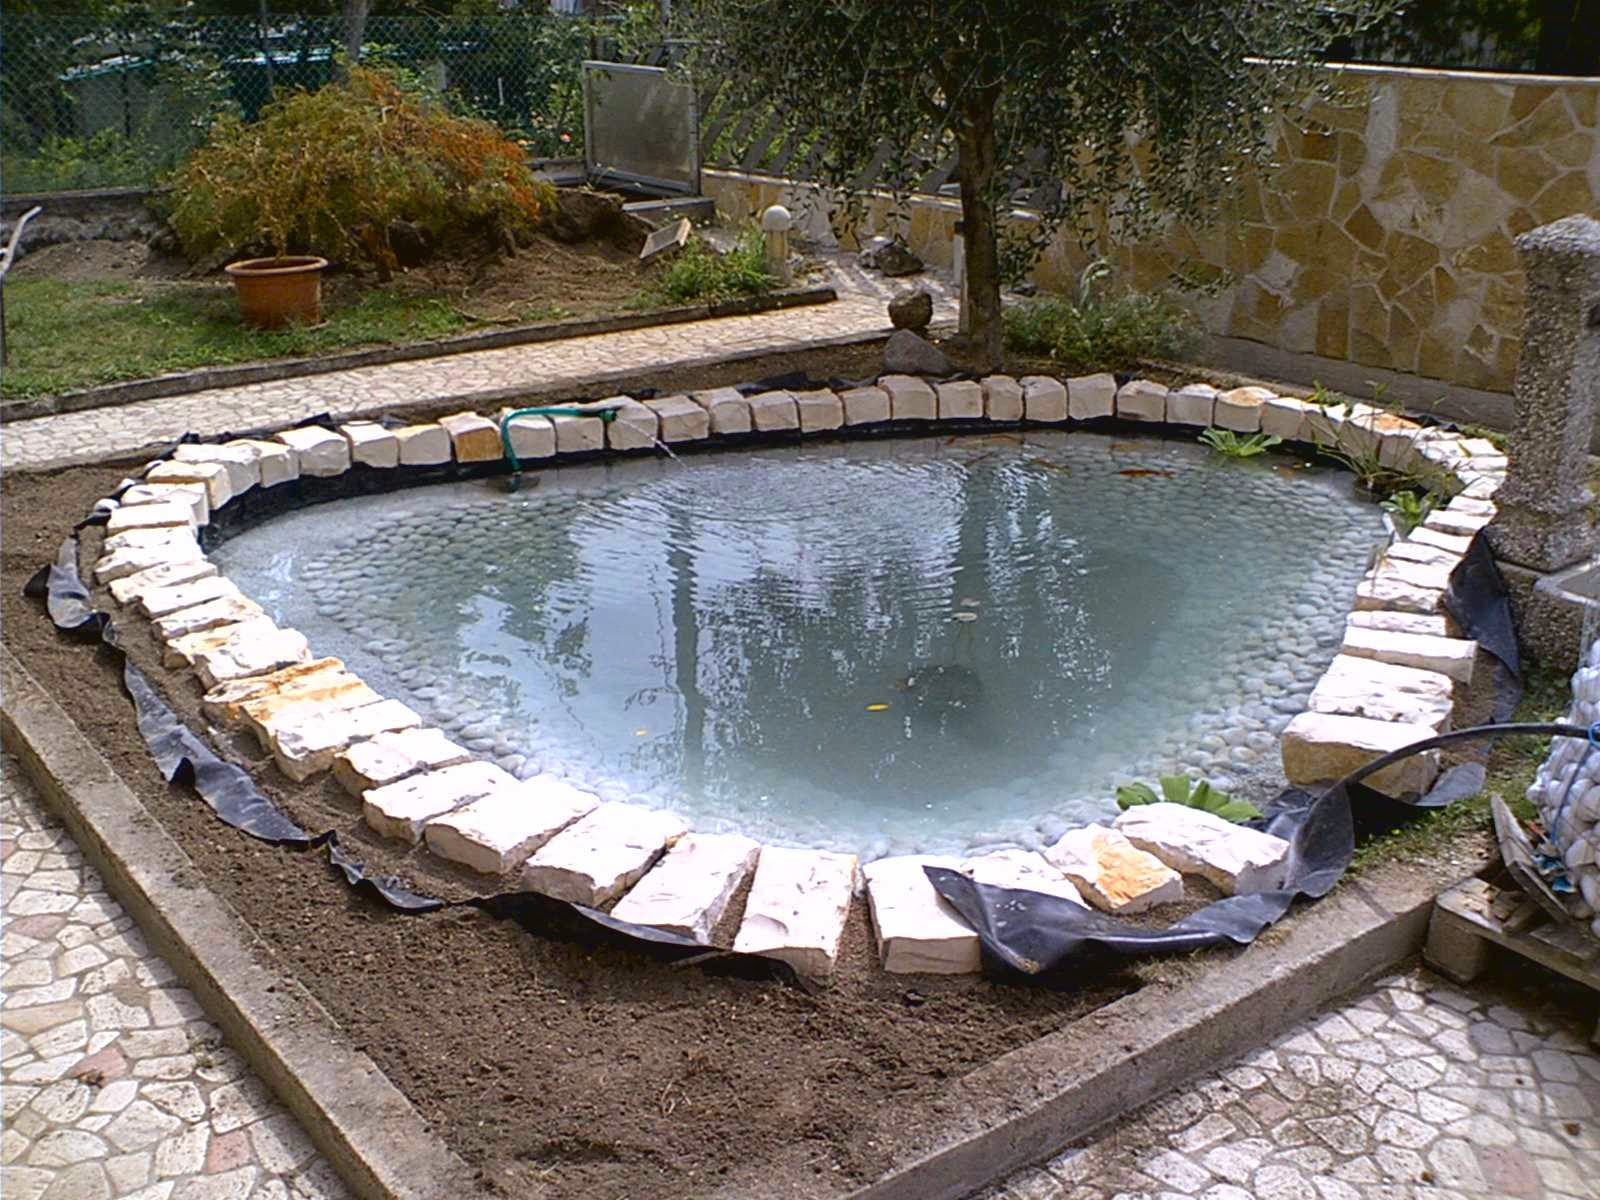 Laghetto la costruzione di un giardino acquatico for Costruire laghetto da giardino